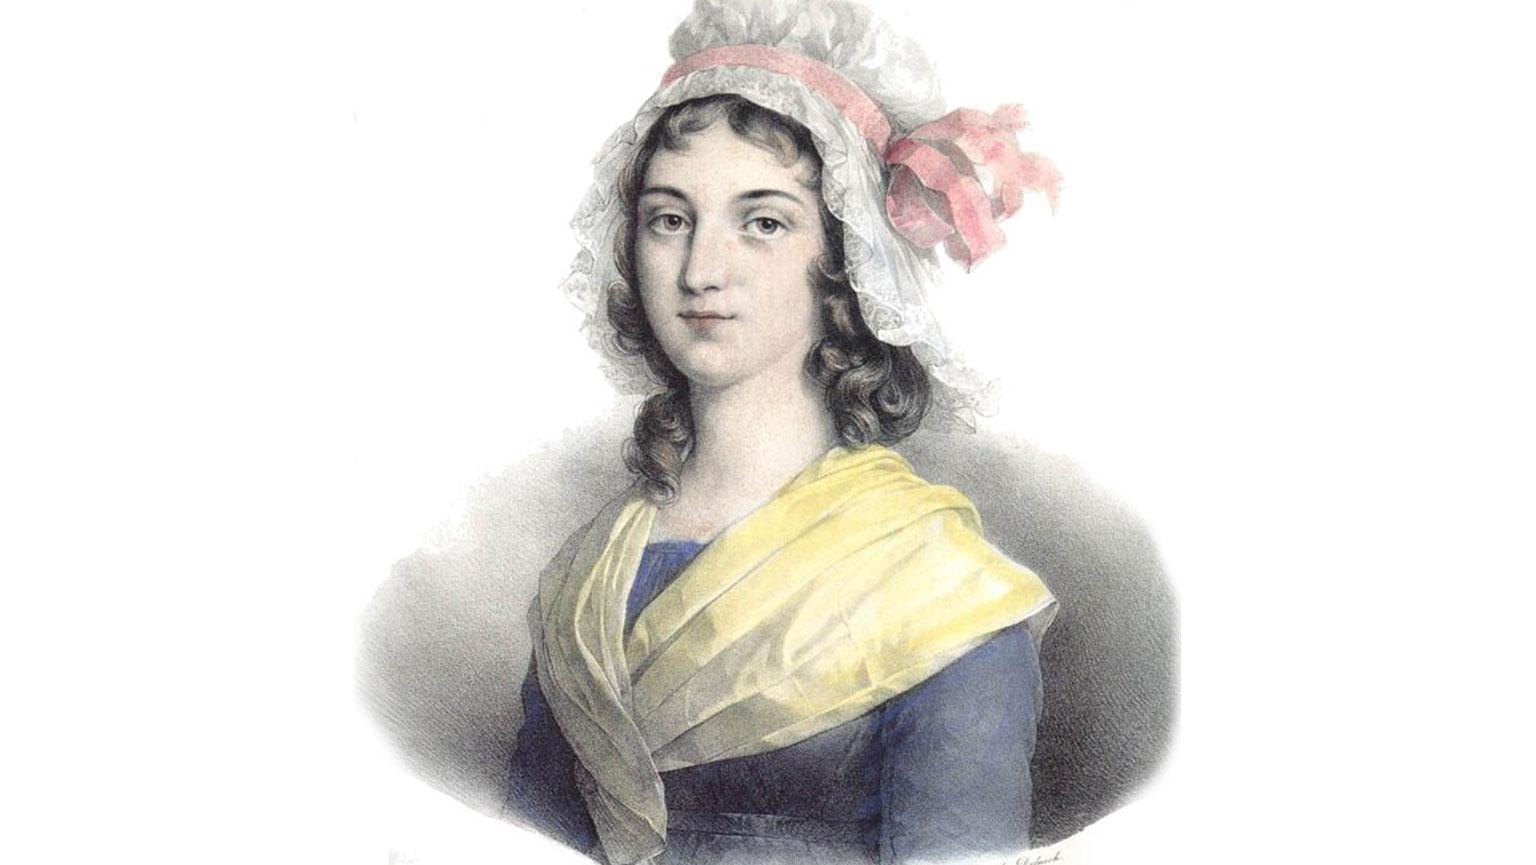 Revolution in Crisis—Summer 1793